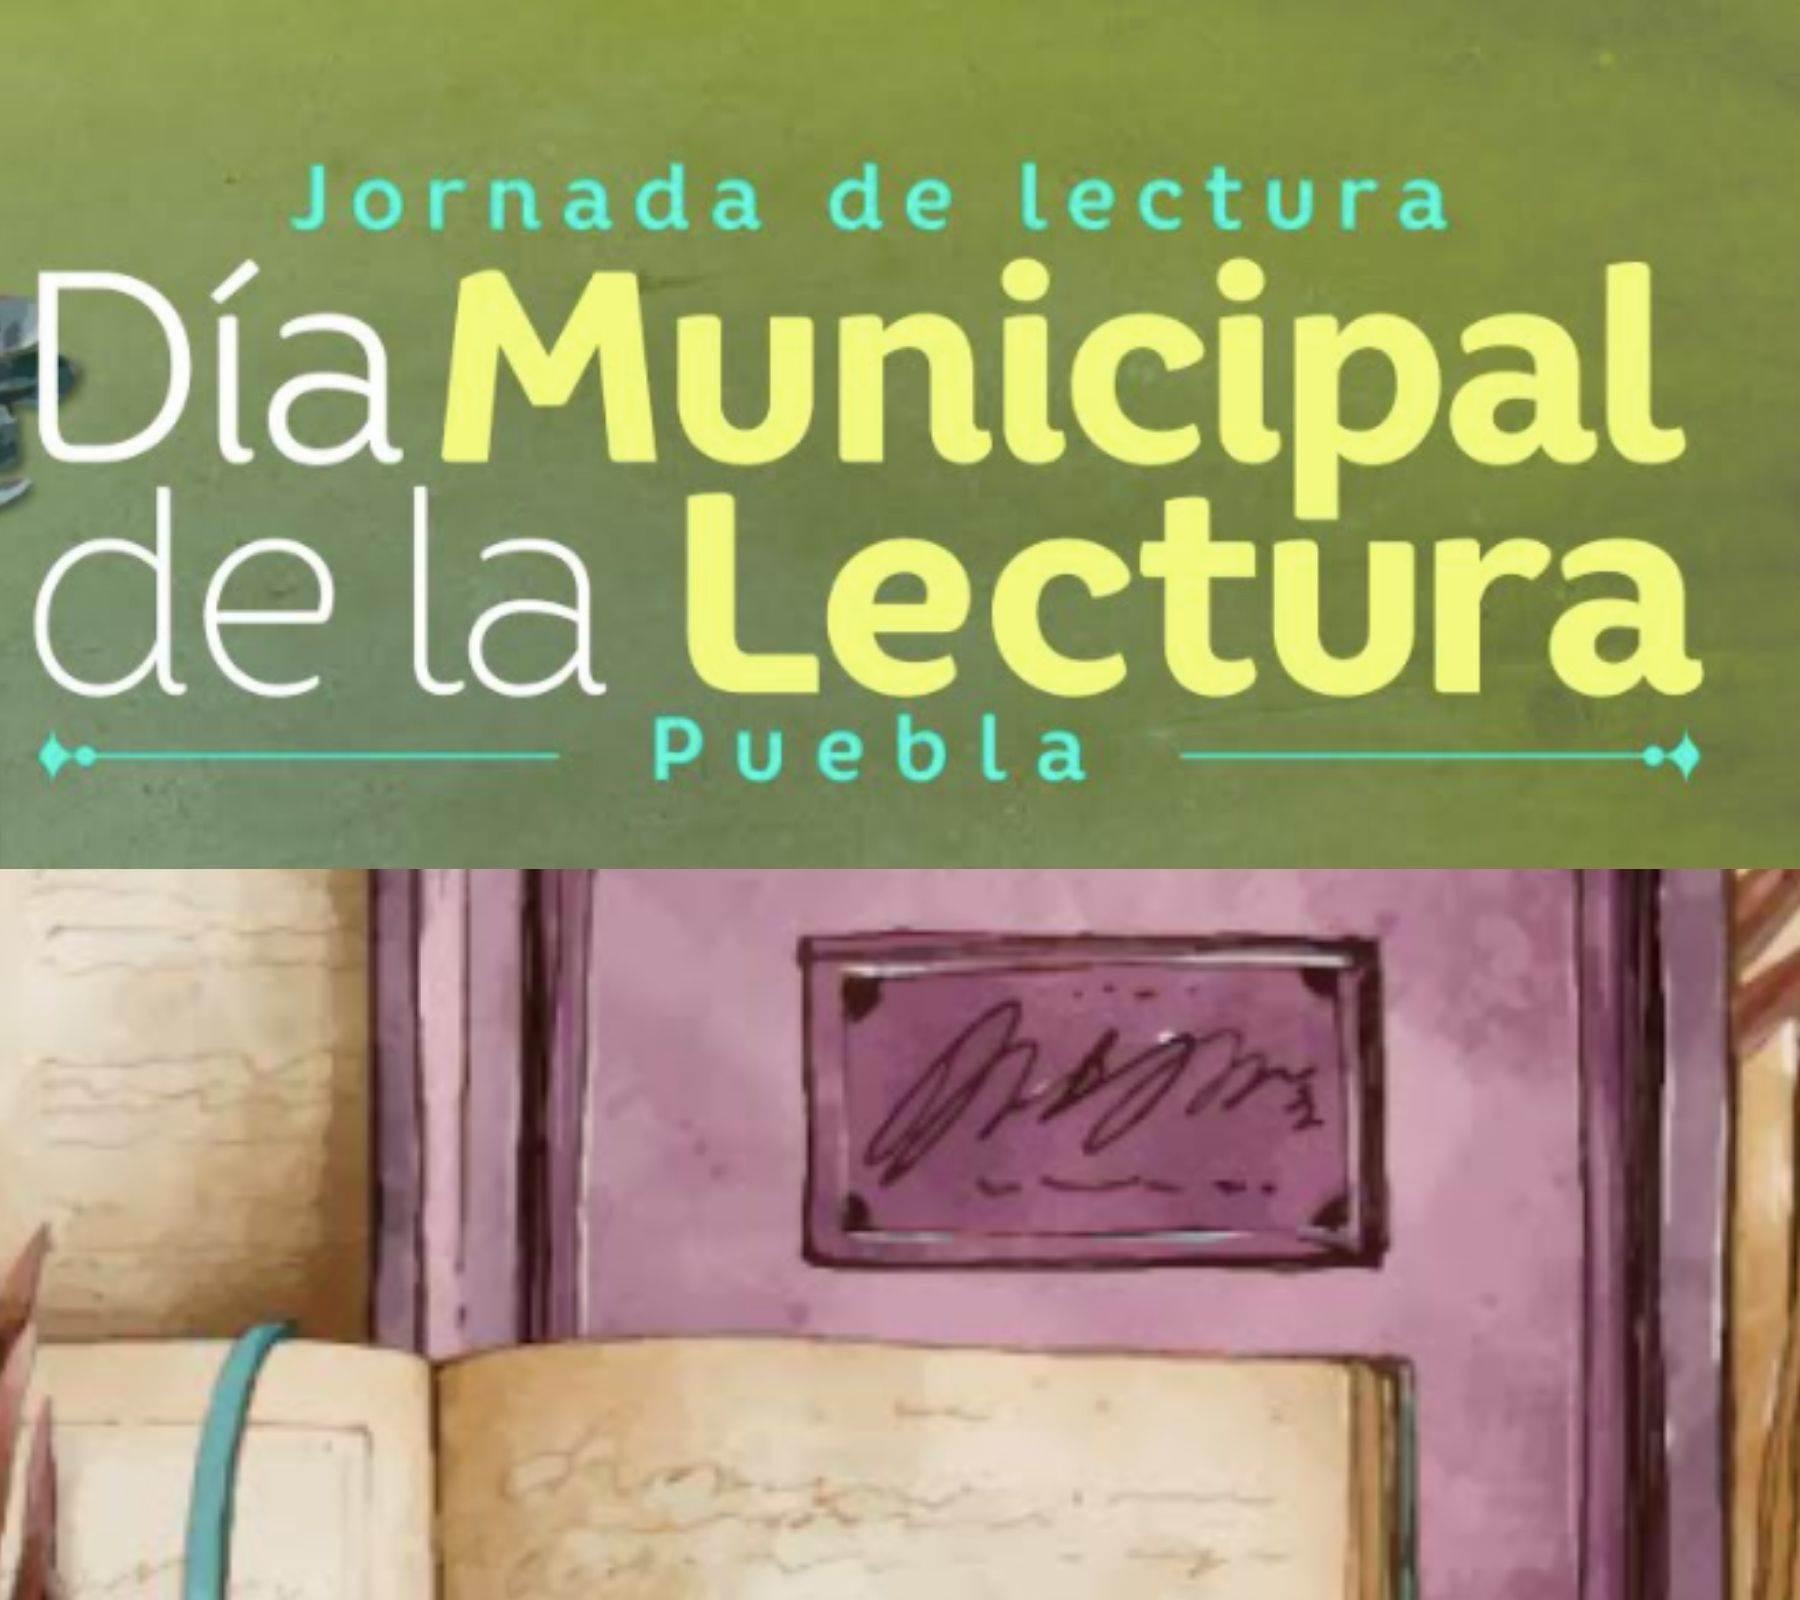 día municipal de la lectura